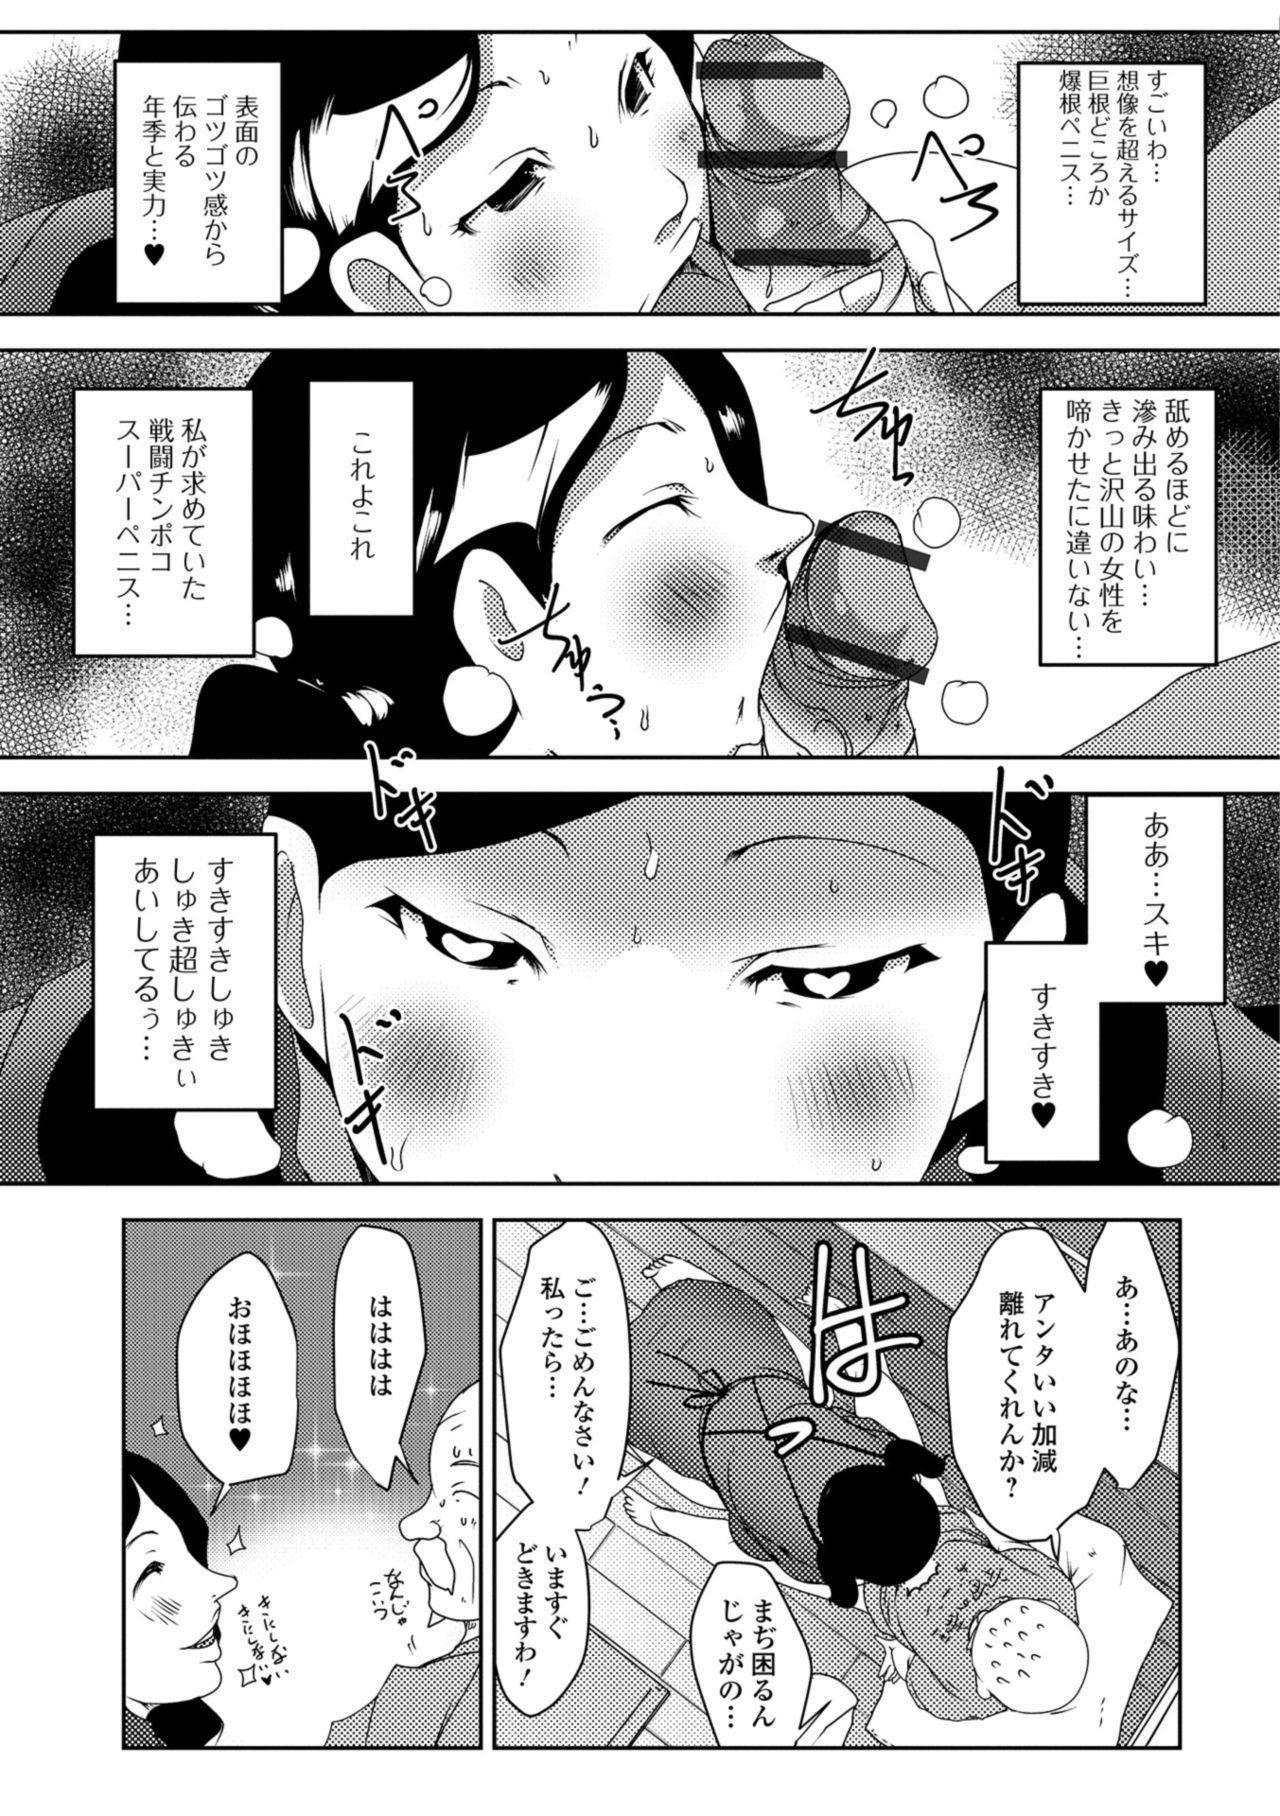 Web Haishin Gekkan Tonari no Kininaru Oku-san Vol. 019 68